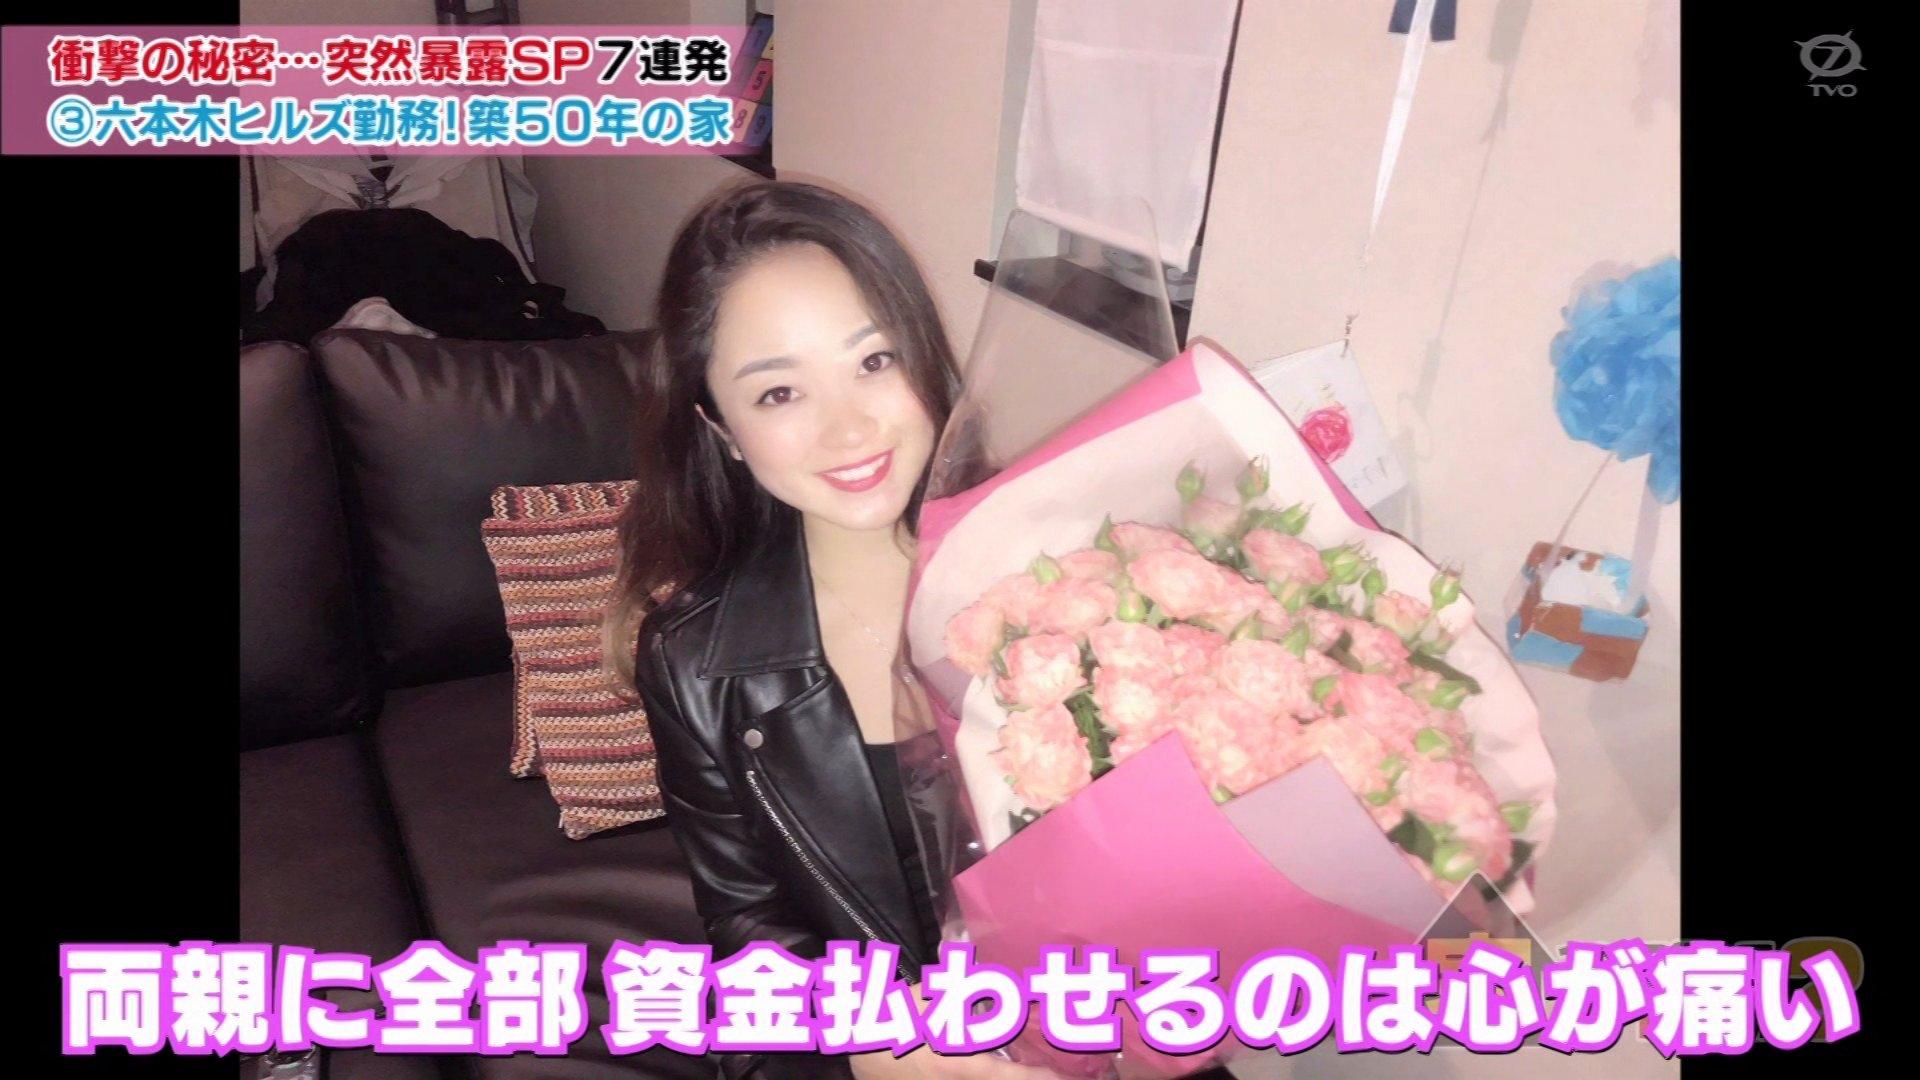 2019年10月9日の「家、ついて行ってイイですか?一見普通そうな人の「衝撃の秘密」2時間SP」に出演した渡辺菜奈さんのテレビキャプチャー画像-092